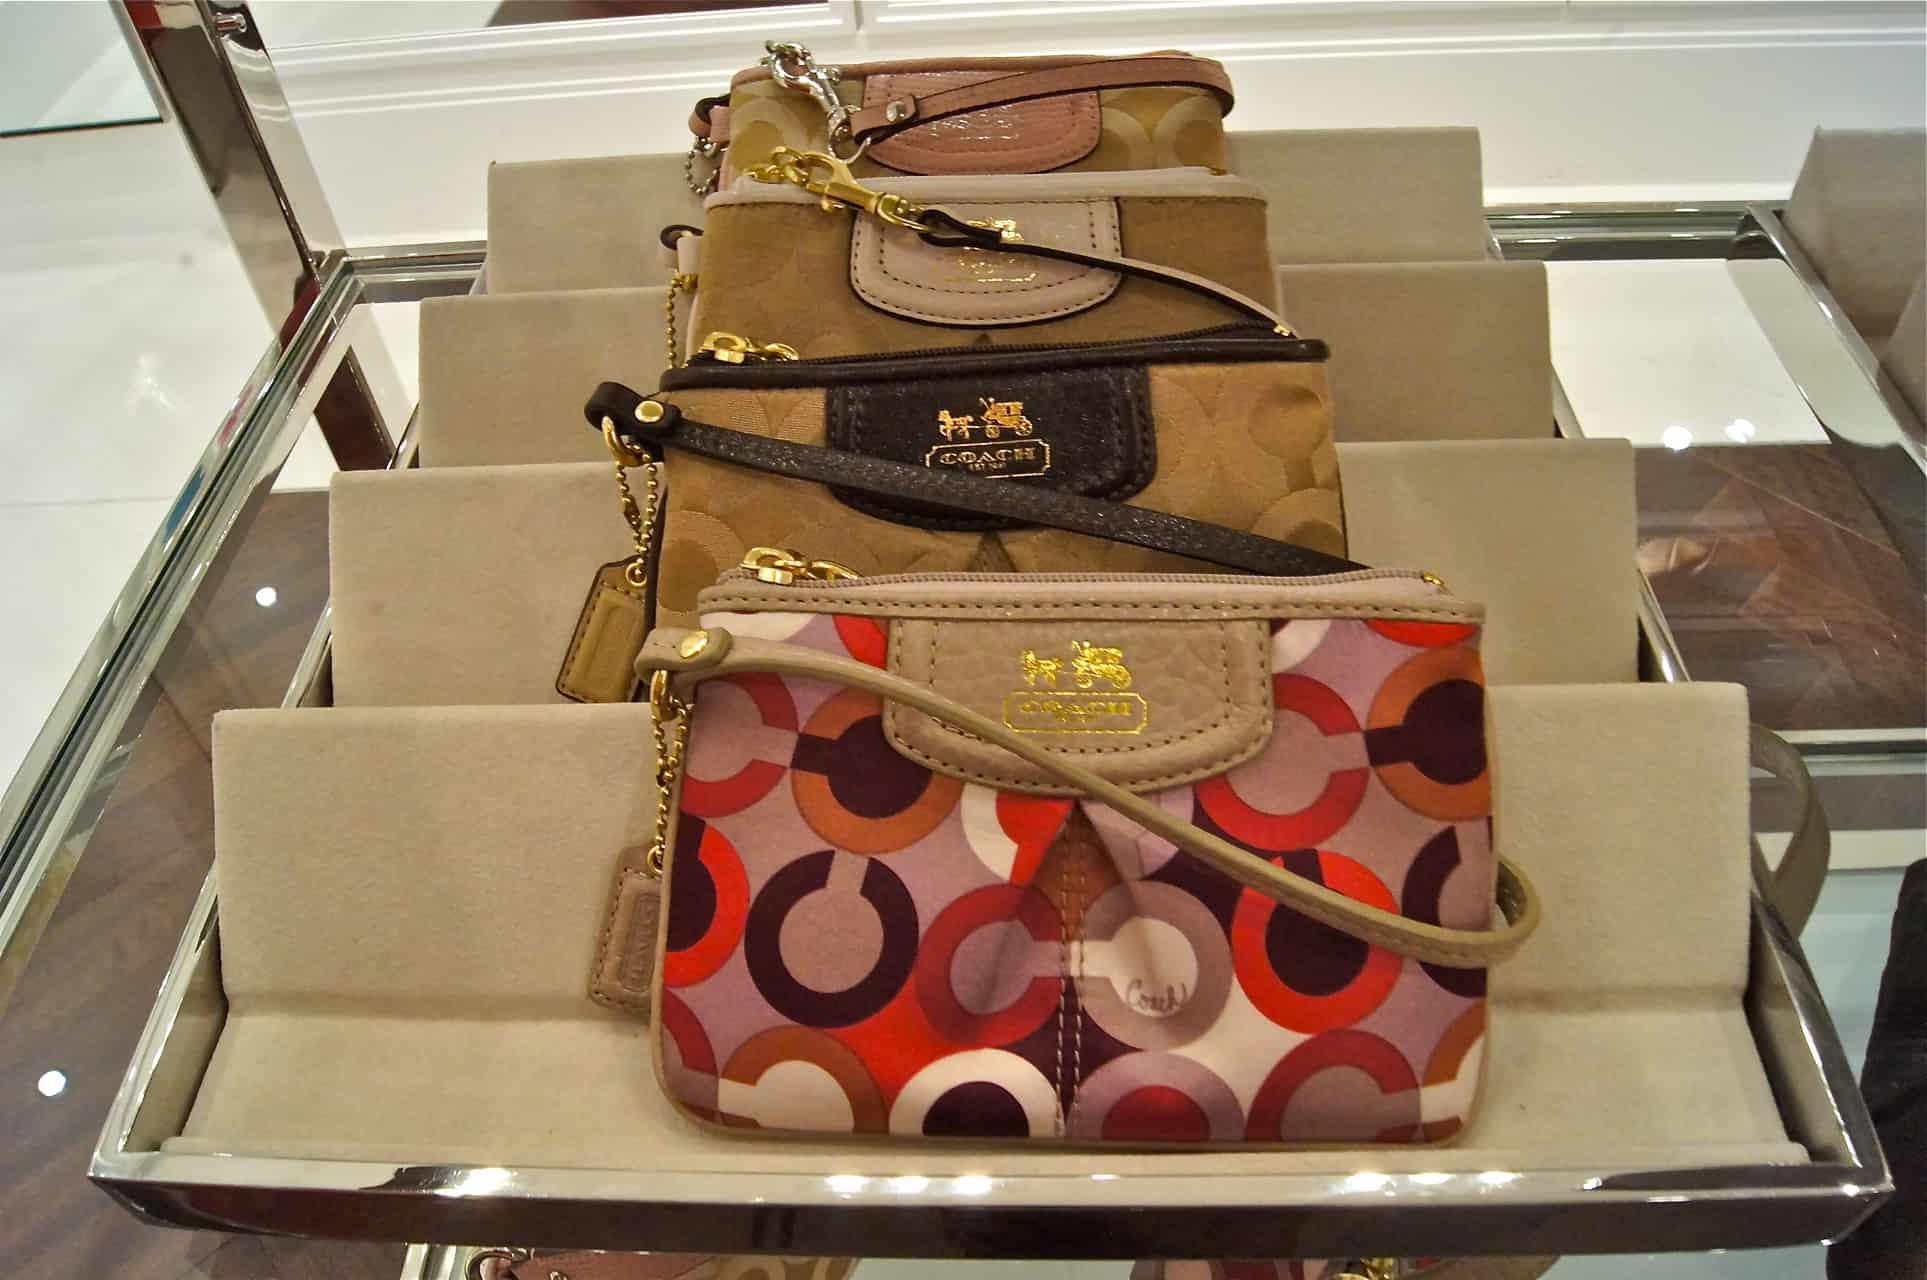 68622af05 Eu com a minha bolsa preferida na versão branca – Coleção Madison, como a  famosa rua de Manhattan